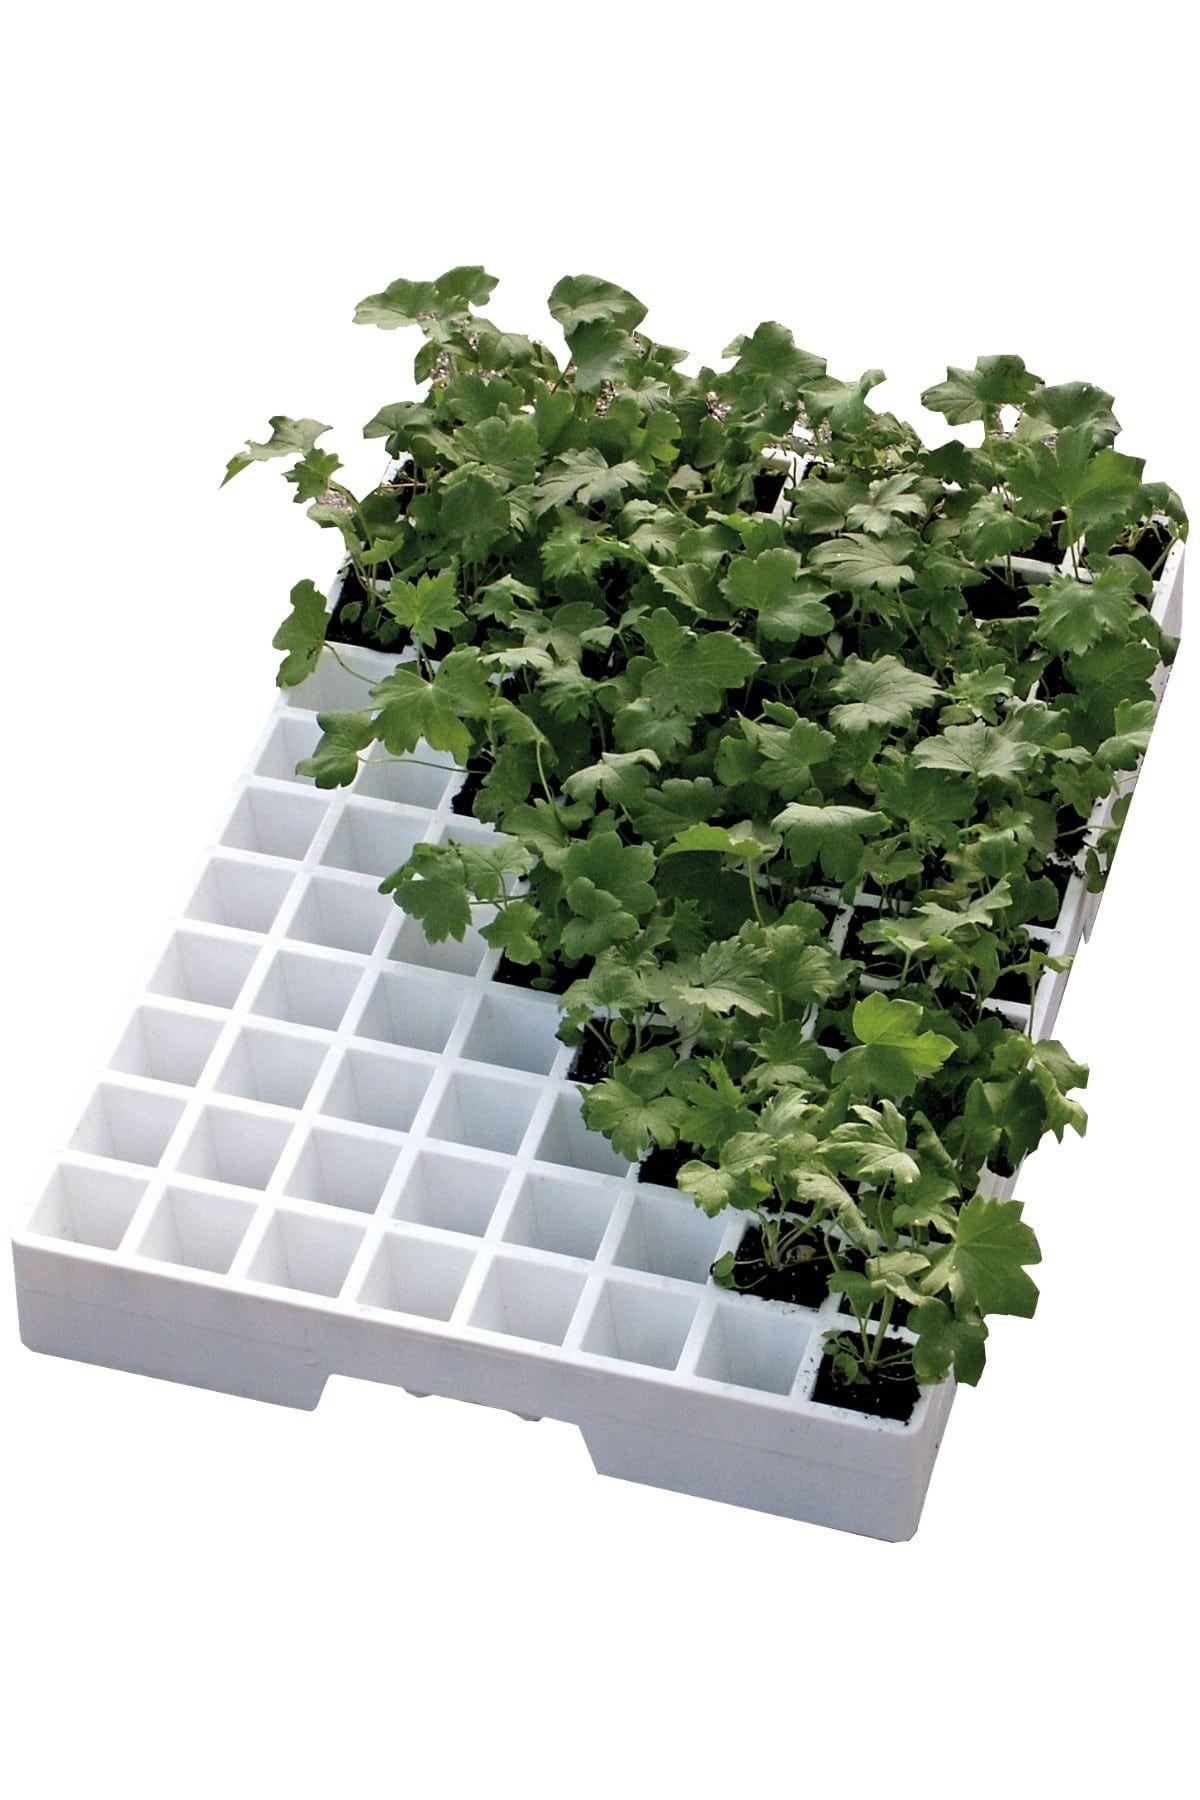 EPS Seeding Trays Image